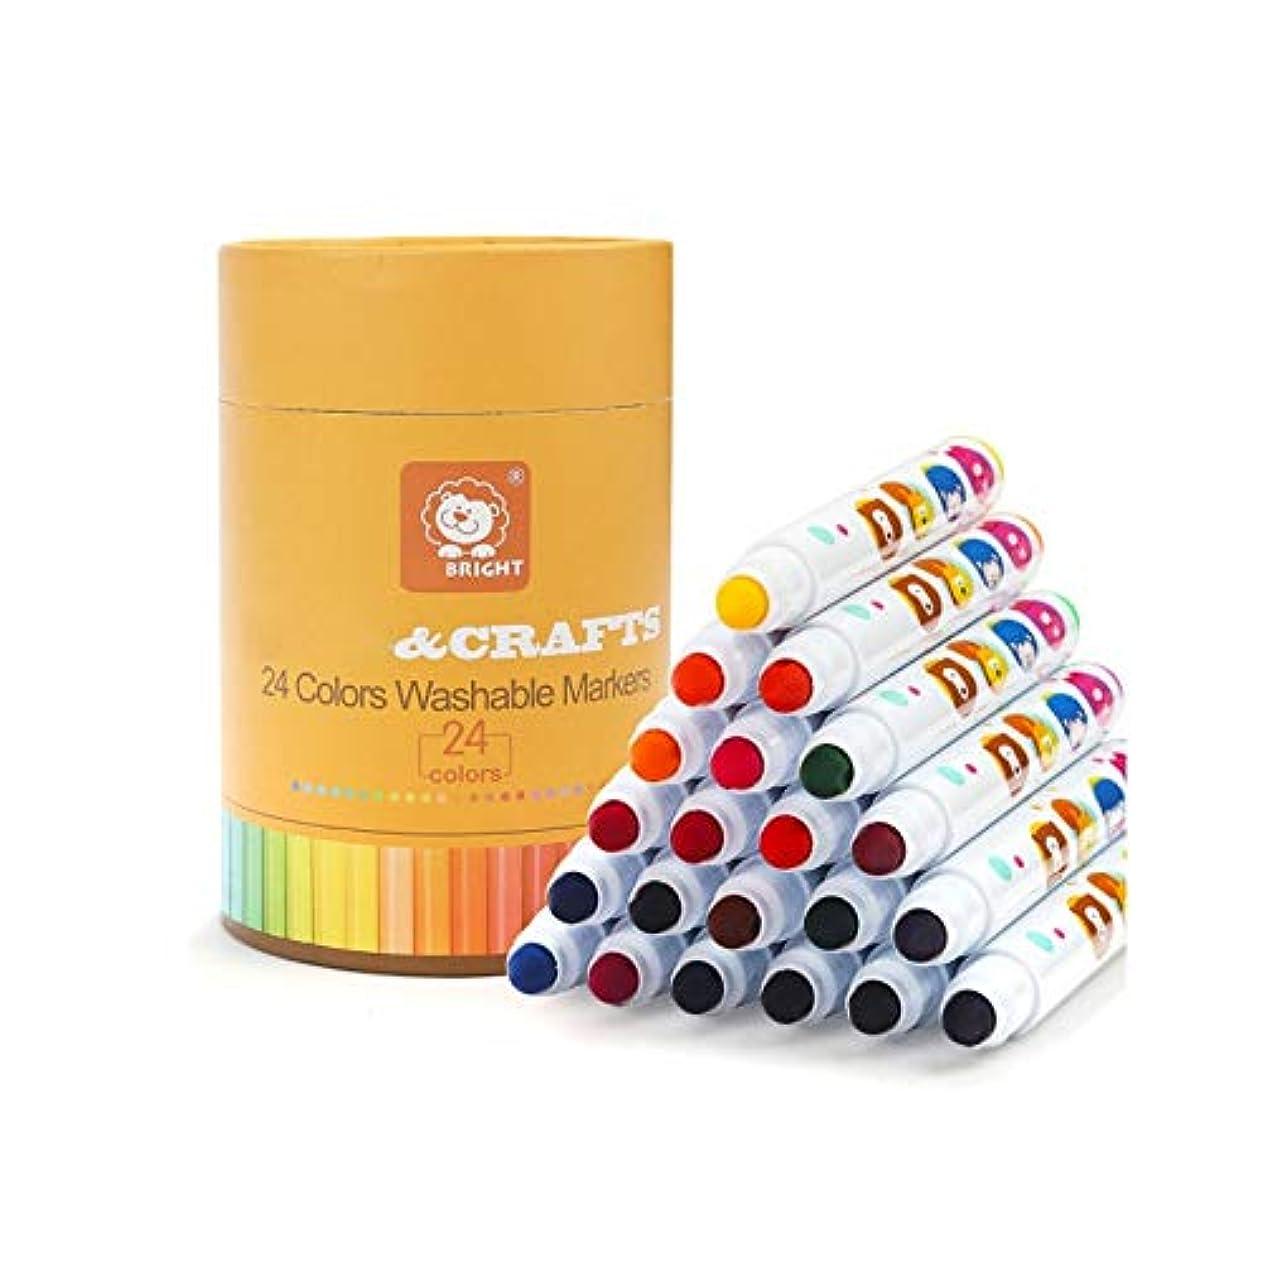 そばに歯車家事Jinnuotong ペイントブラシ、環境に優しい肌色24色洗える水彩ペン、テーパーペンヘッド無料ペイント/練習ペイントツール(24色、11 * 16 cm) 執筆および絵画は滑らかです (Color : Yellow, Size : 11*16cm)